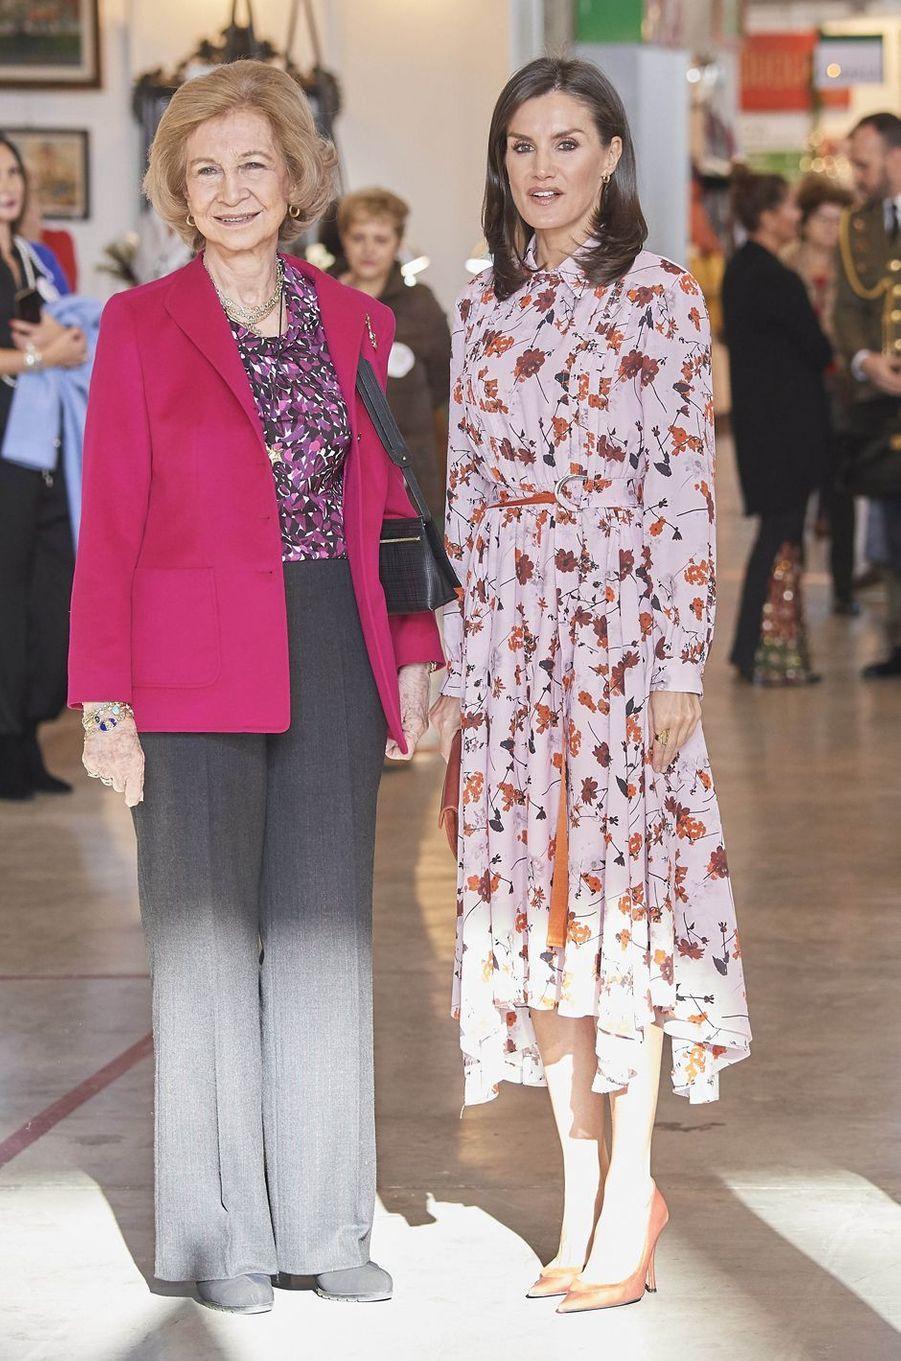 Lex-reine Sofia et sa belle-fille la reine Letizia d'Espagne à Madrid, le 19 novembre 2019